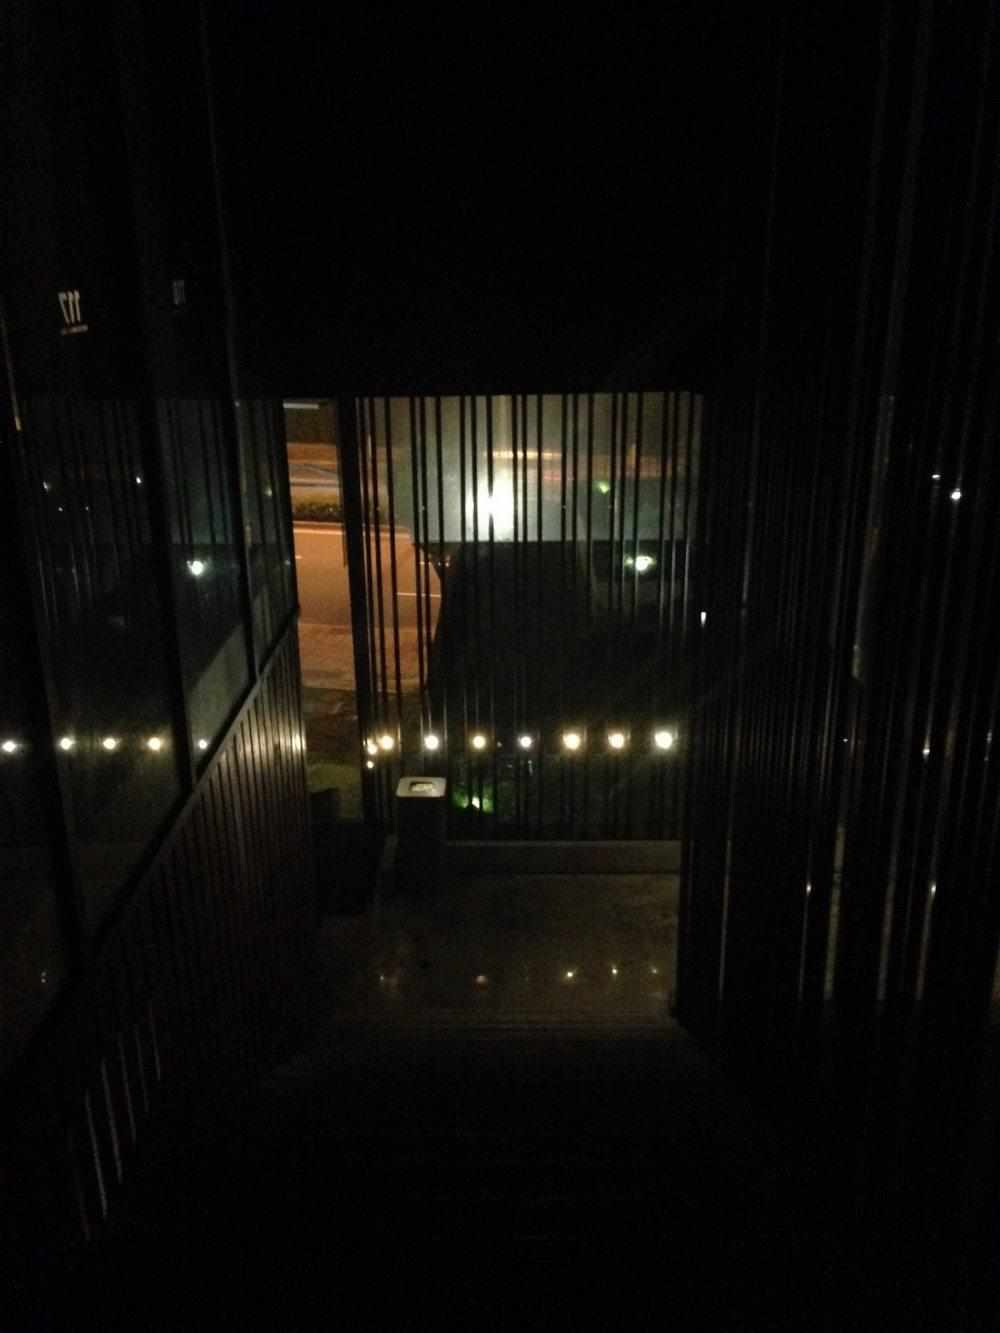 厦门乐雅无垠酒店Hotel Wind自拍 分享_IMG_2504.JPG